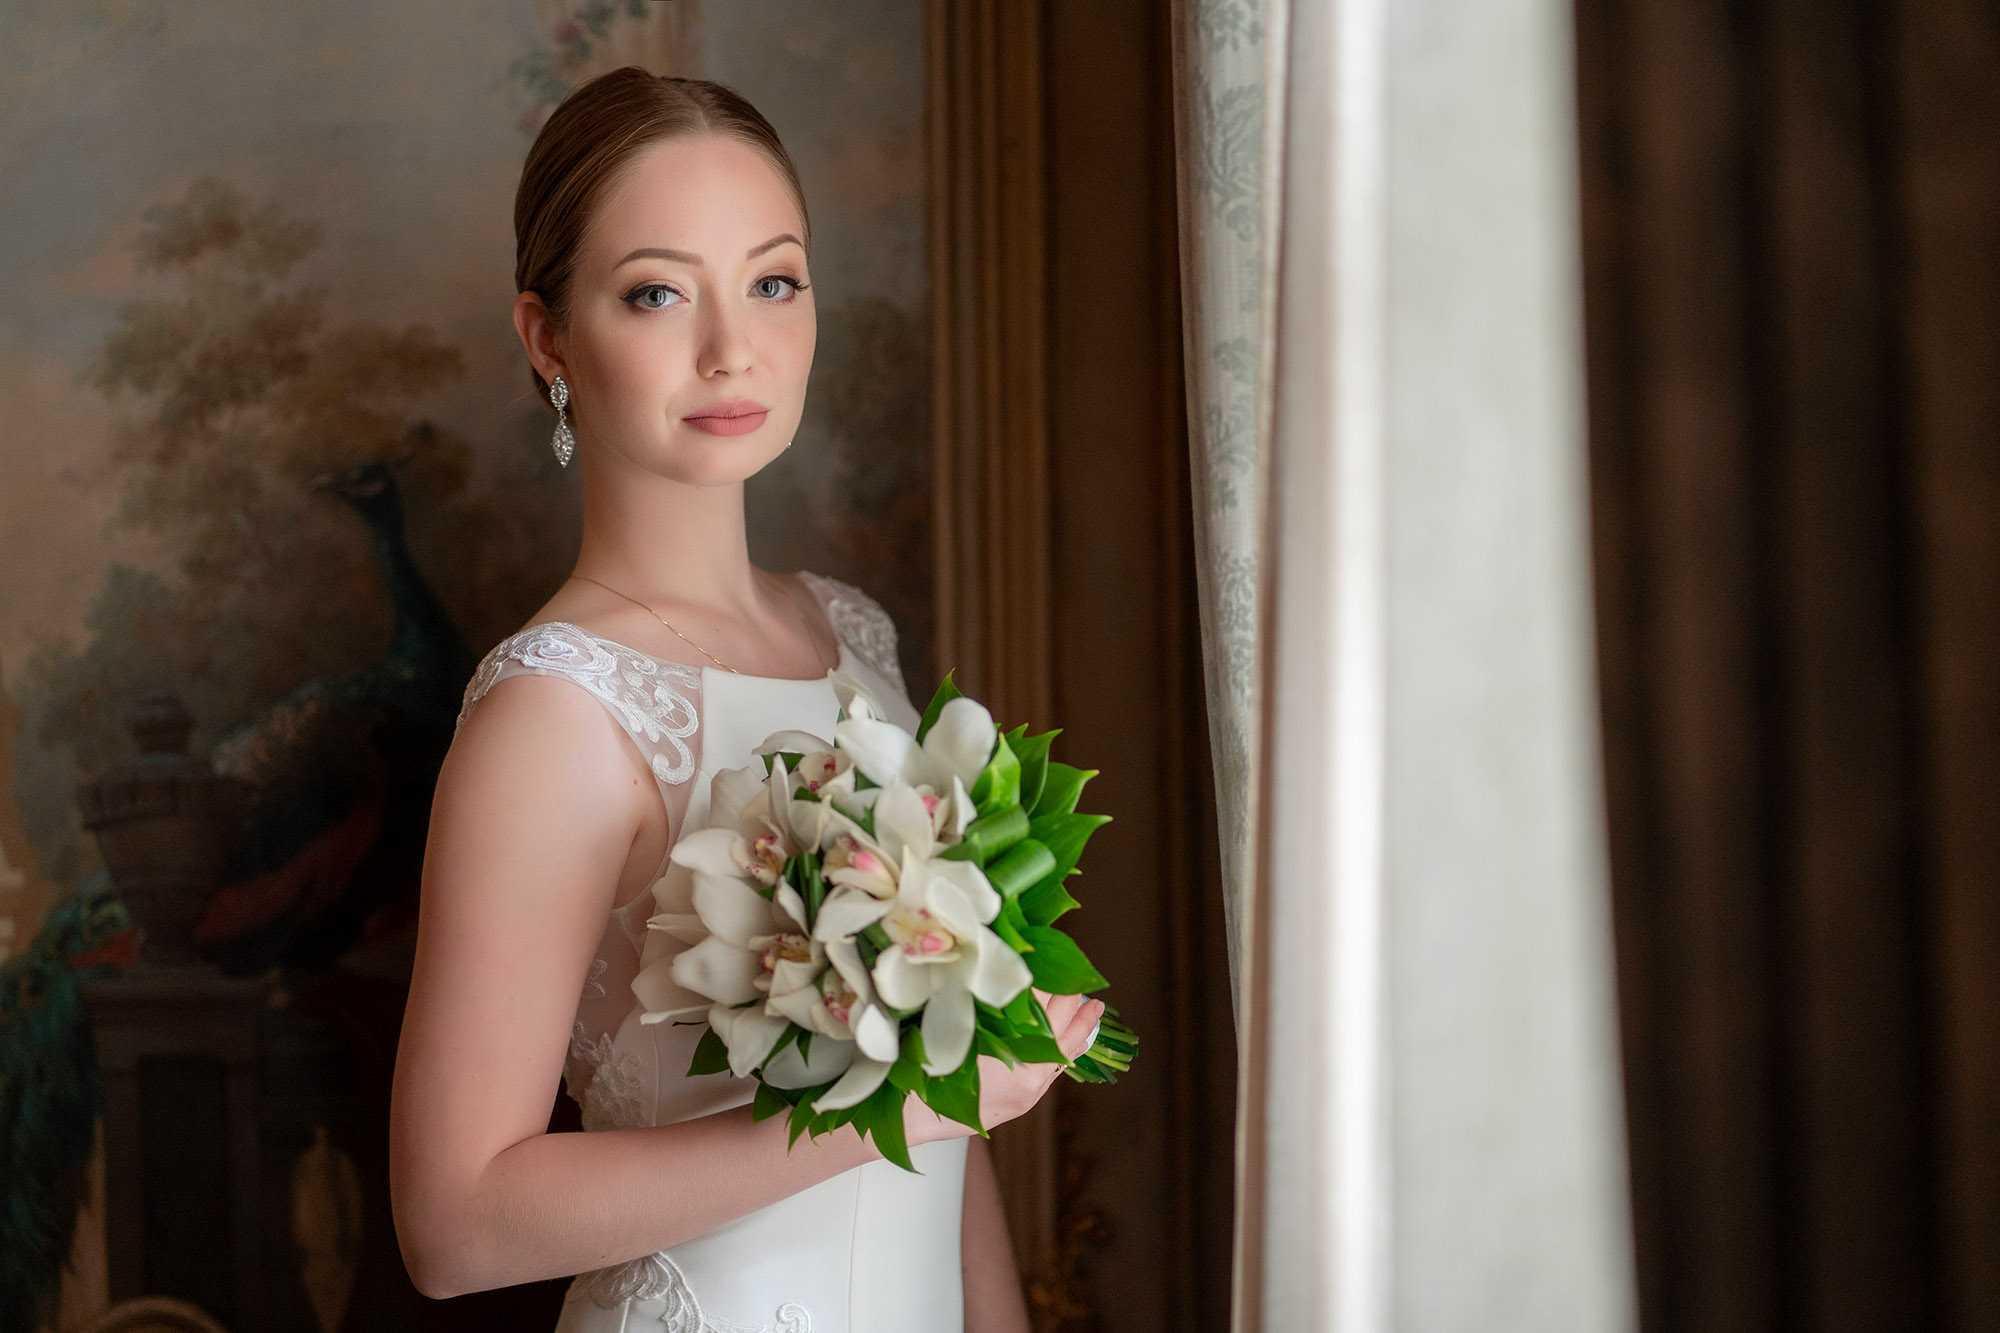 Фотограф на свадьбу в Москве, камерные свадьбы